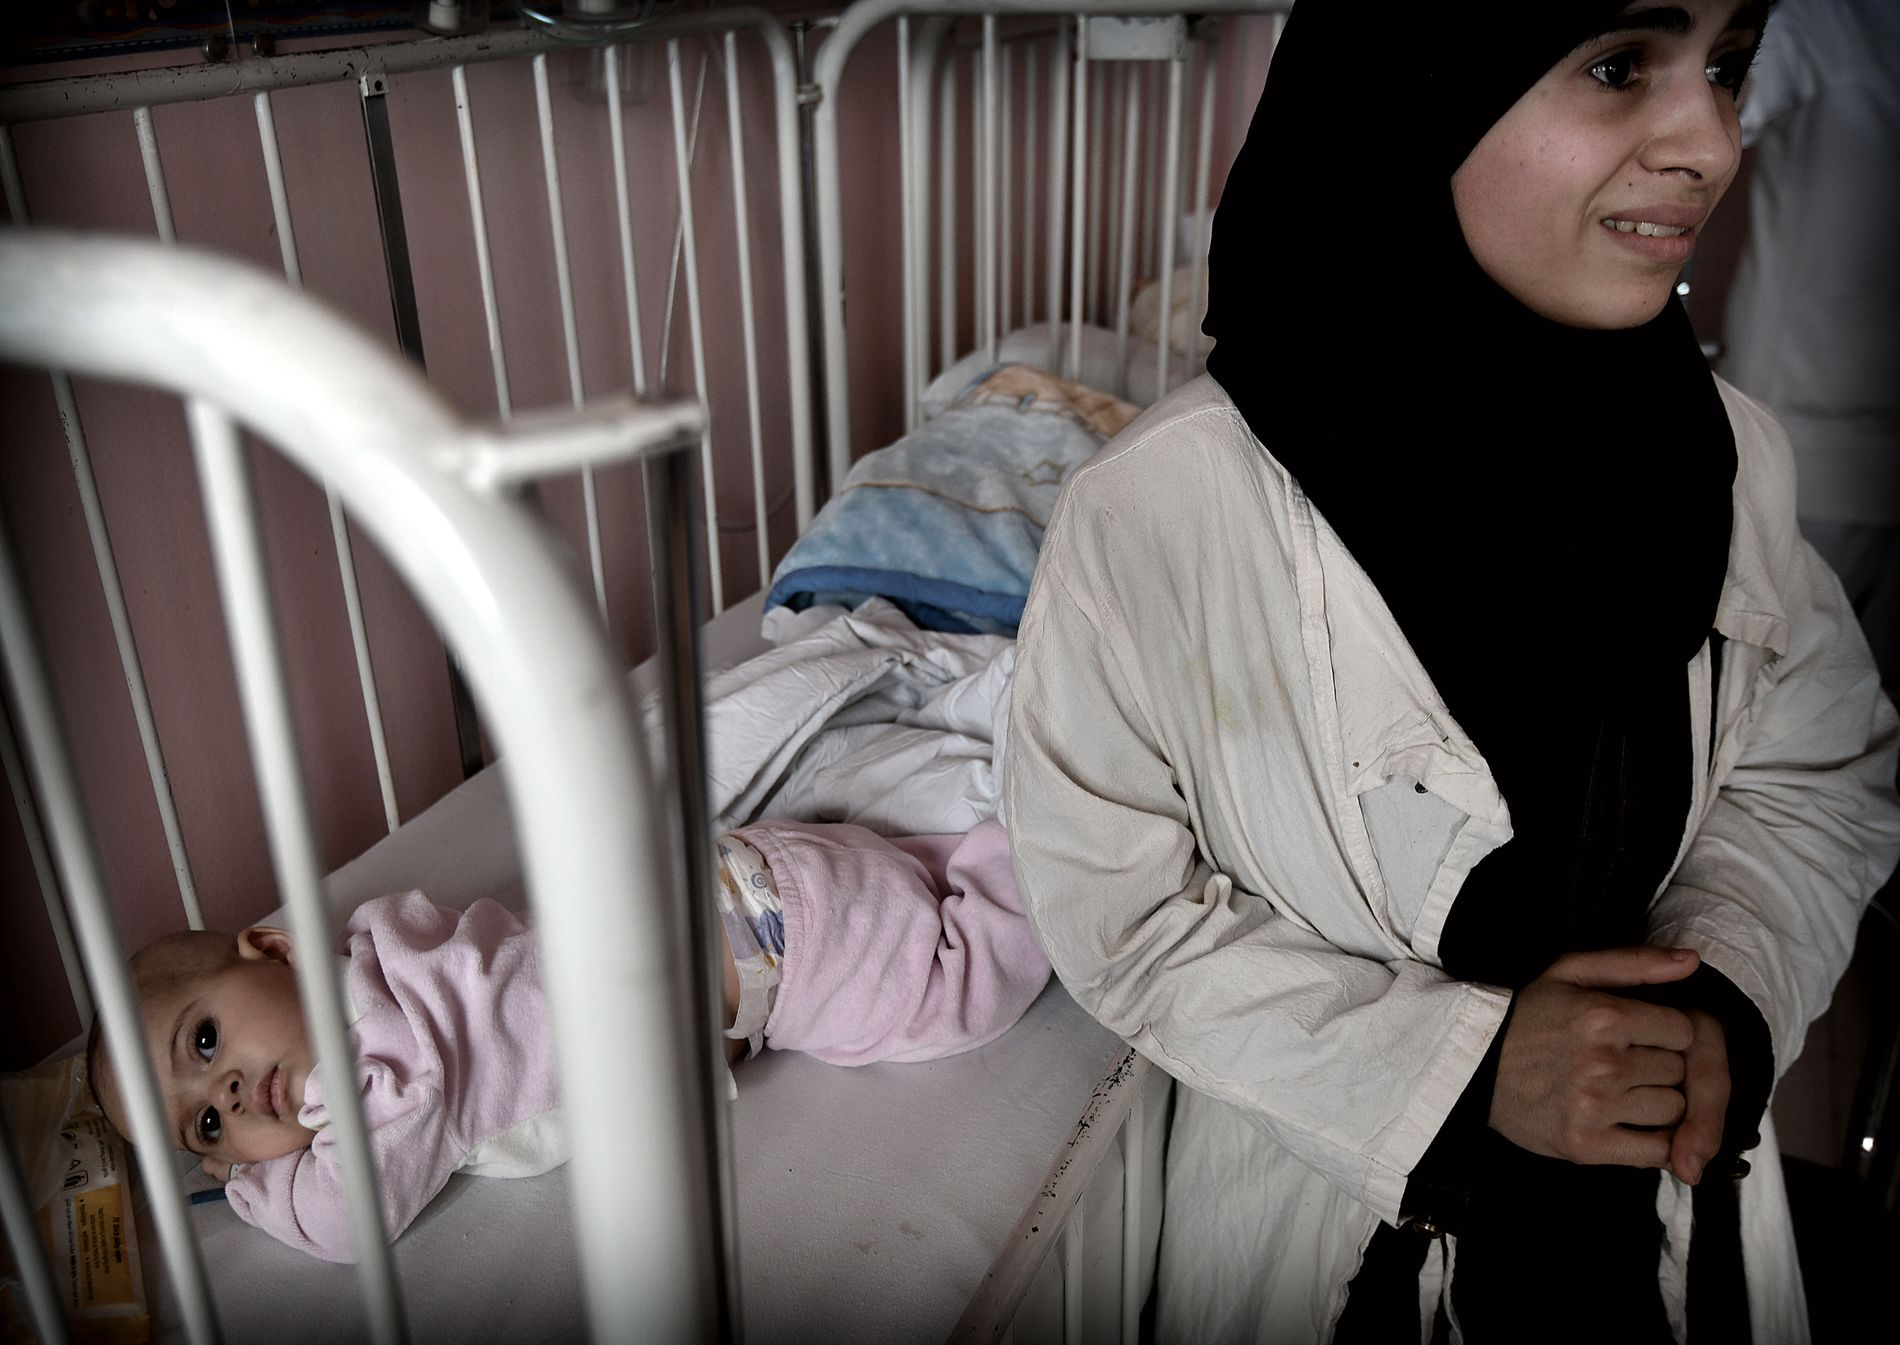 SENDES TILBAKE: Heba Khazzawe (25) og datteren blir trolig returnert til krig og nød i Øst-Ghouta. Slik er avtalen mellom partene, får VG vite.